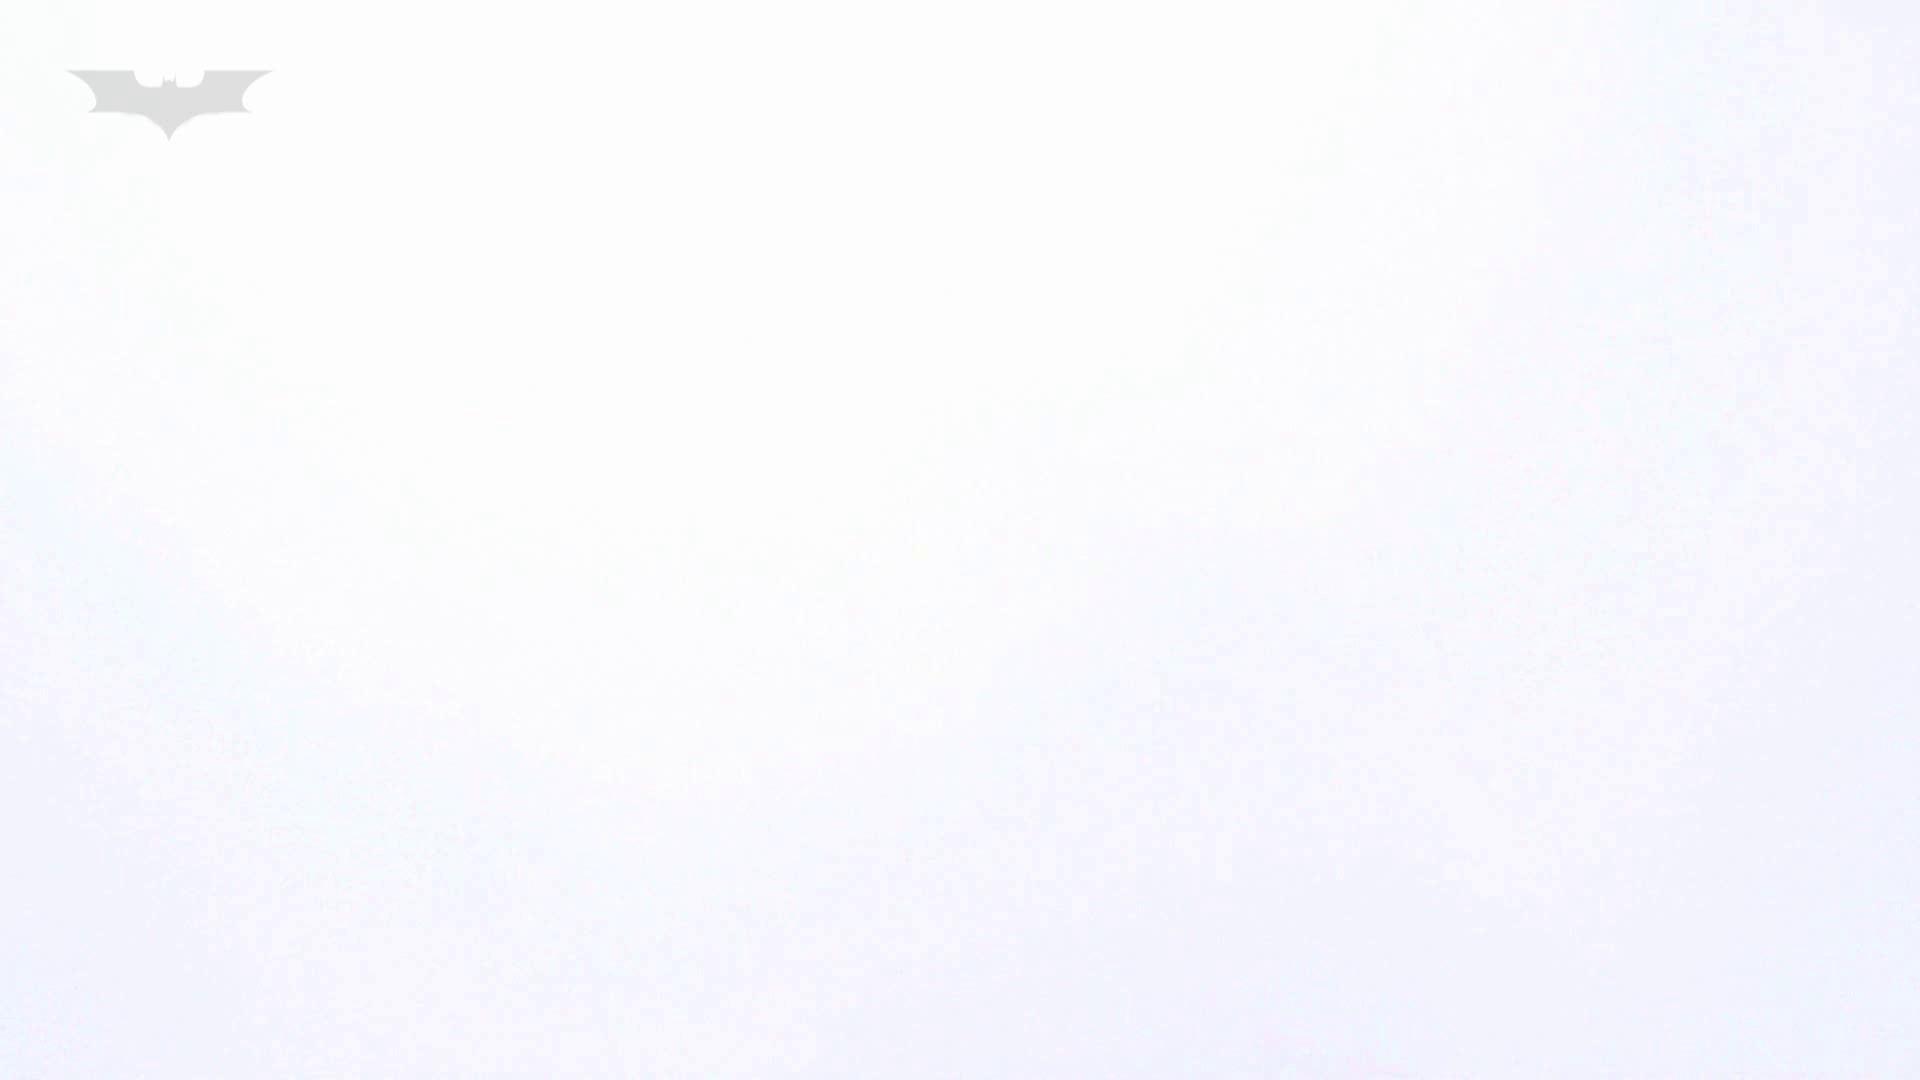 無修正エロ動画|お銀 vol.70 女性の日特集!!|怪盗ジョーカー